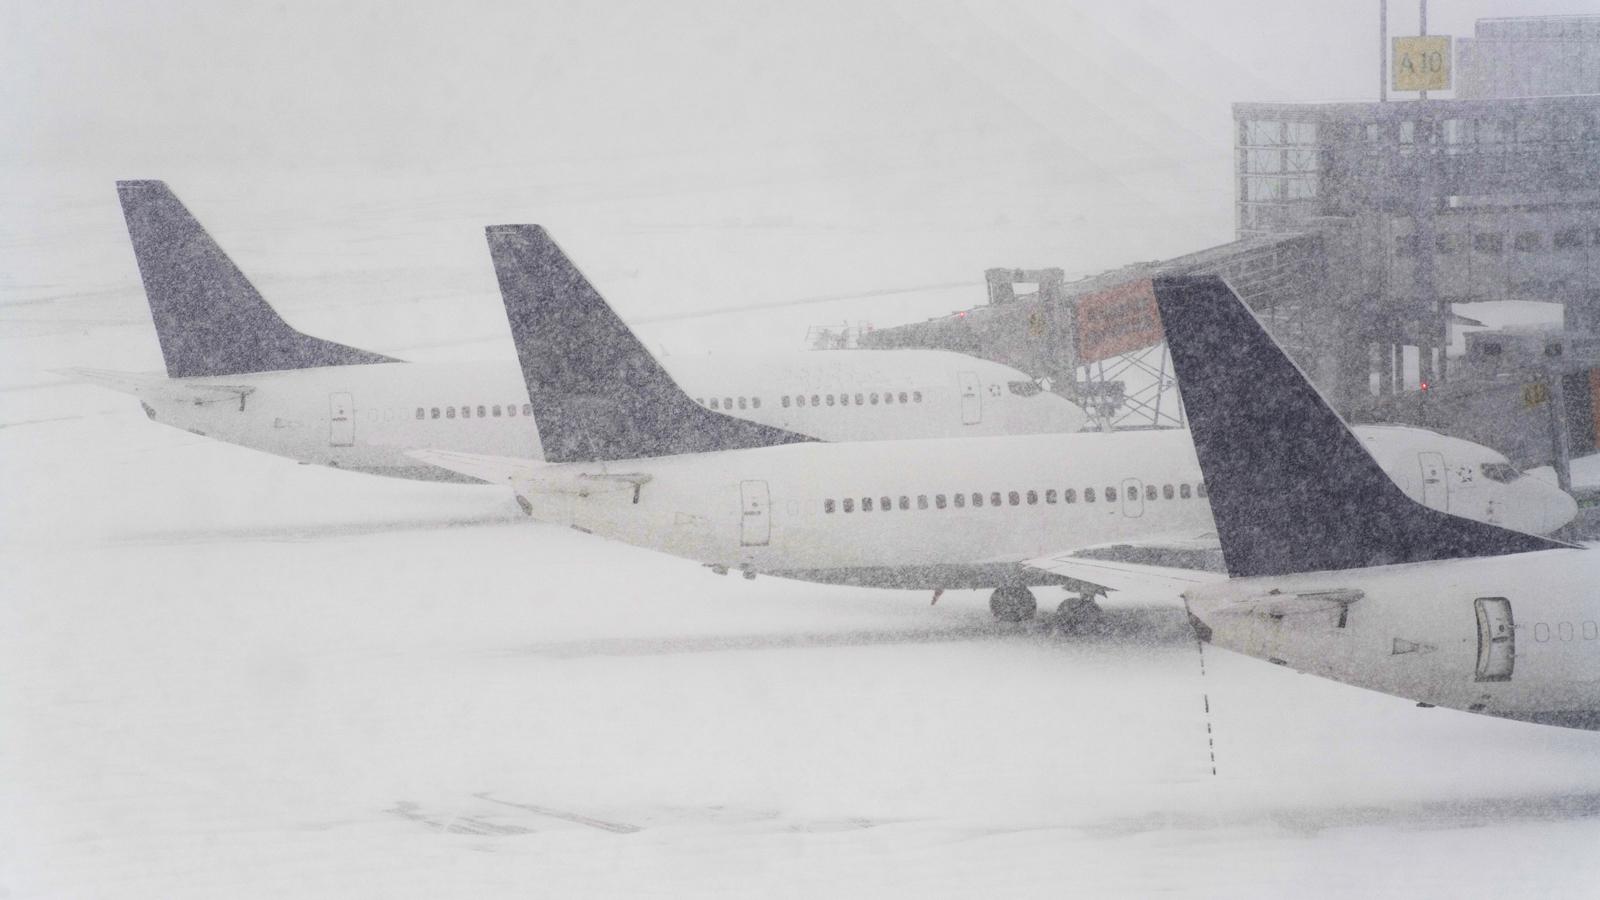 Ваэропортах столицы отменены 56 рейсов, 10 задержаны